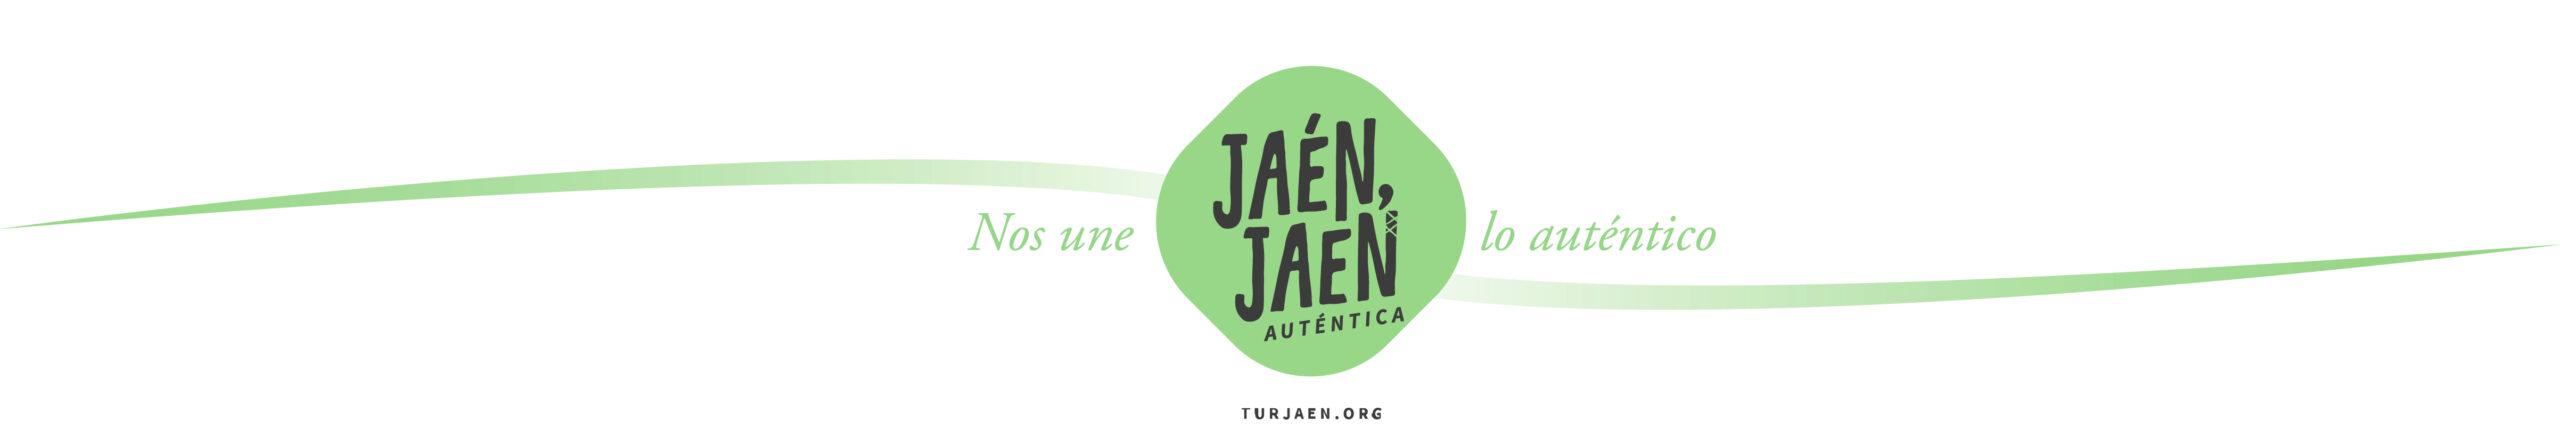 Jaen autentica